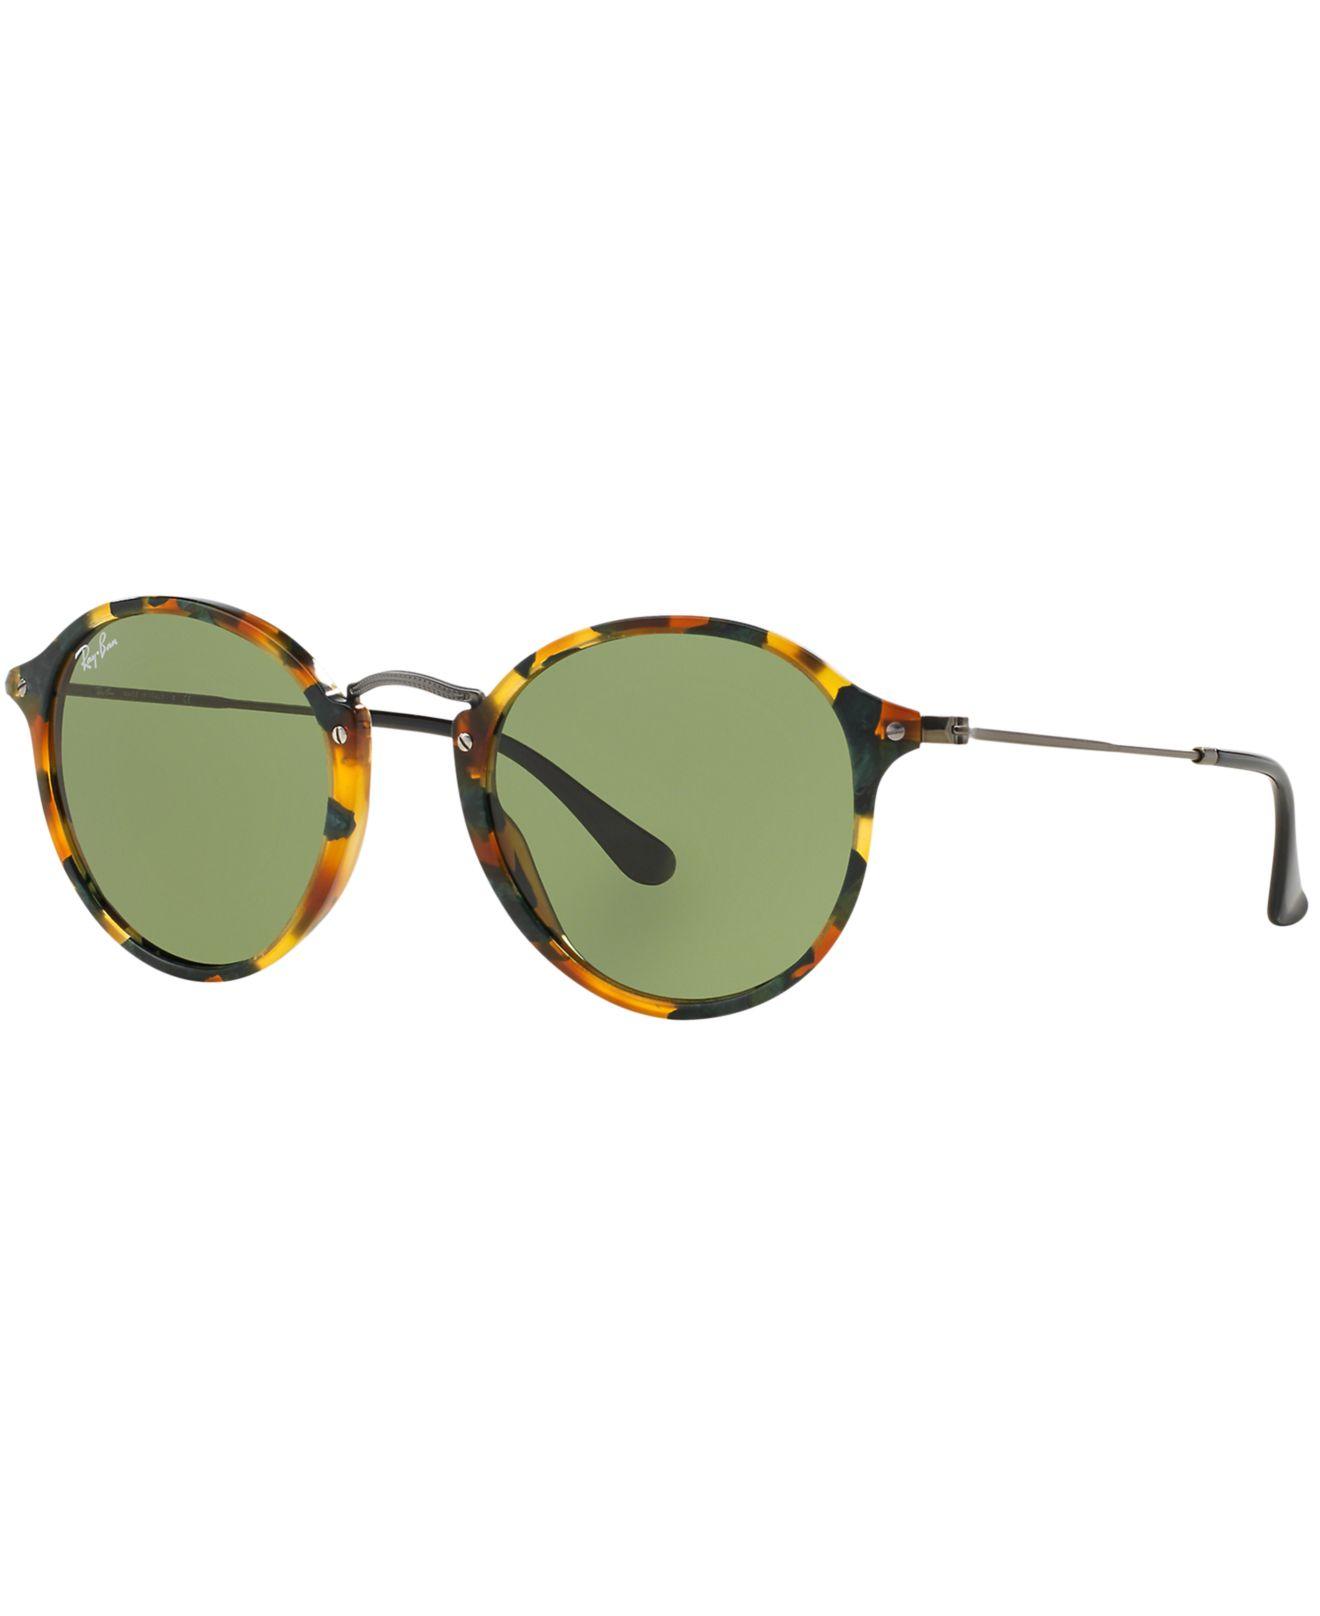 6f6782fd3d Round Ray Ban Sunglasses 2015 Vera « Heritage Malta